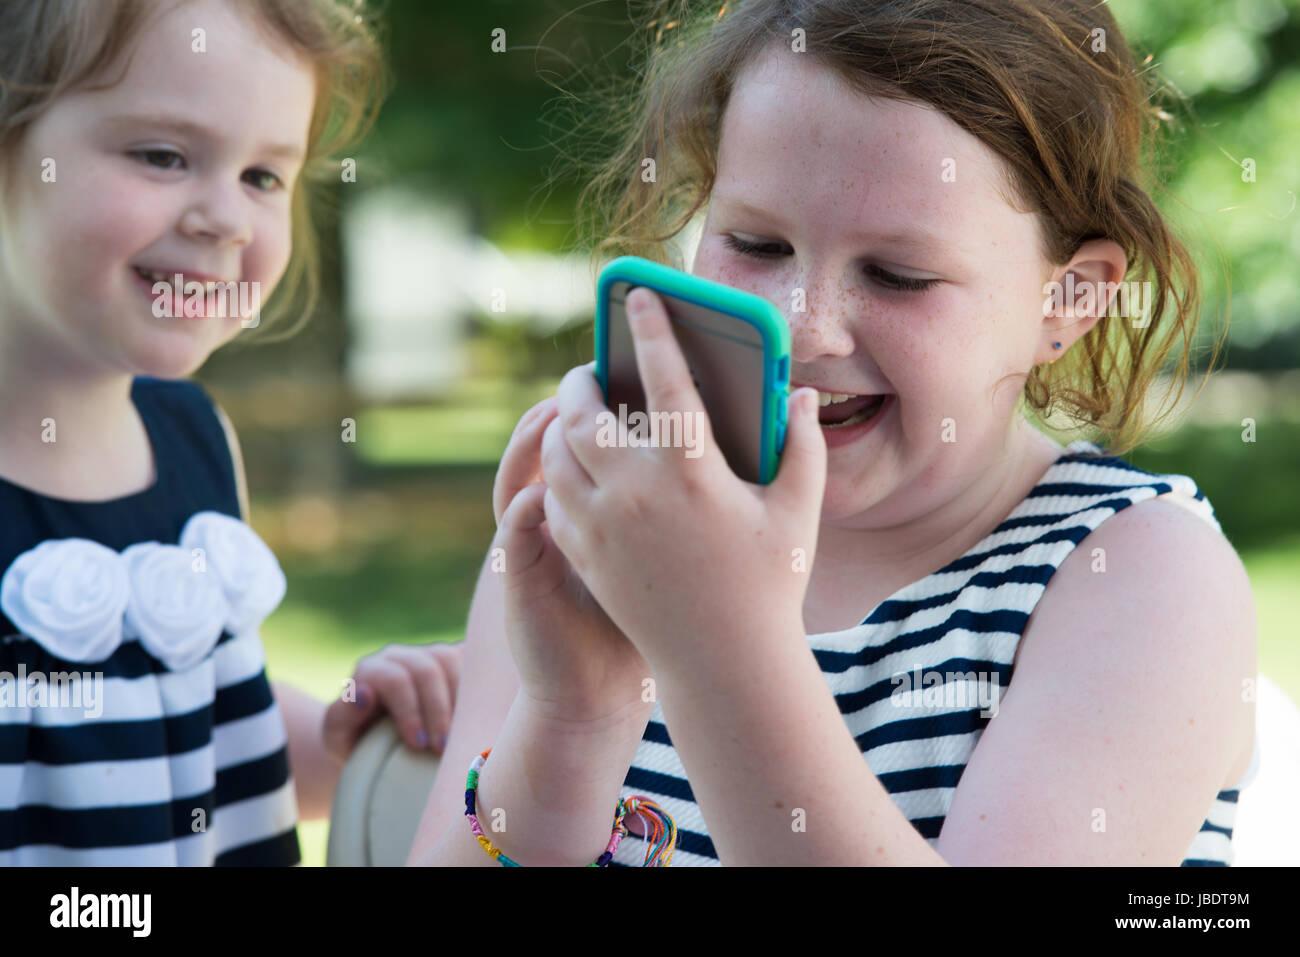 Heureux rire des enfants qui jouent avec le smartphone à l'extérieur Photo Stock